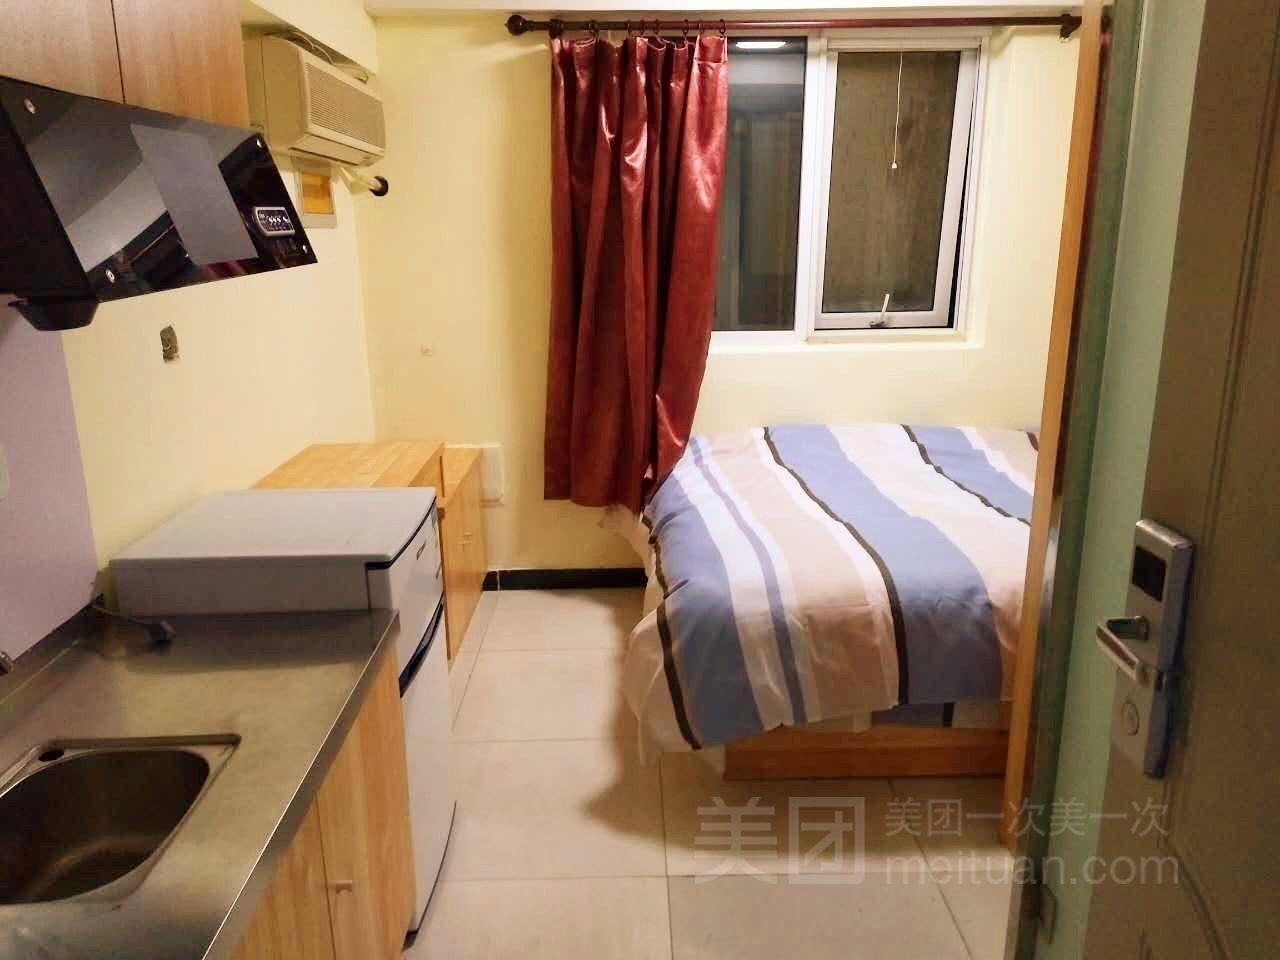 非常生活公寓预订/团购